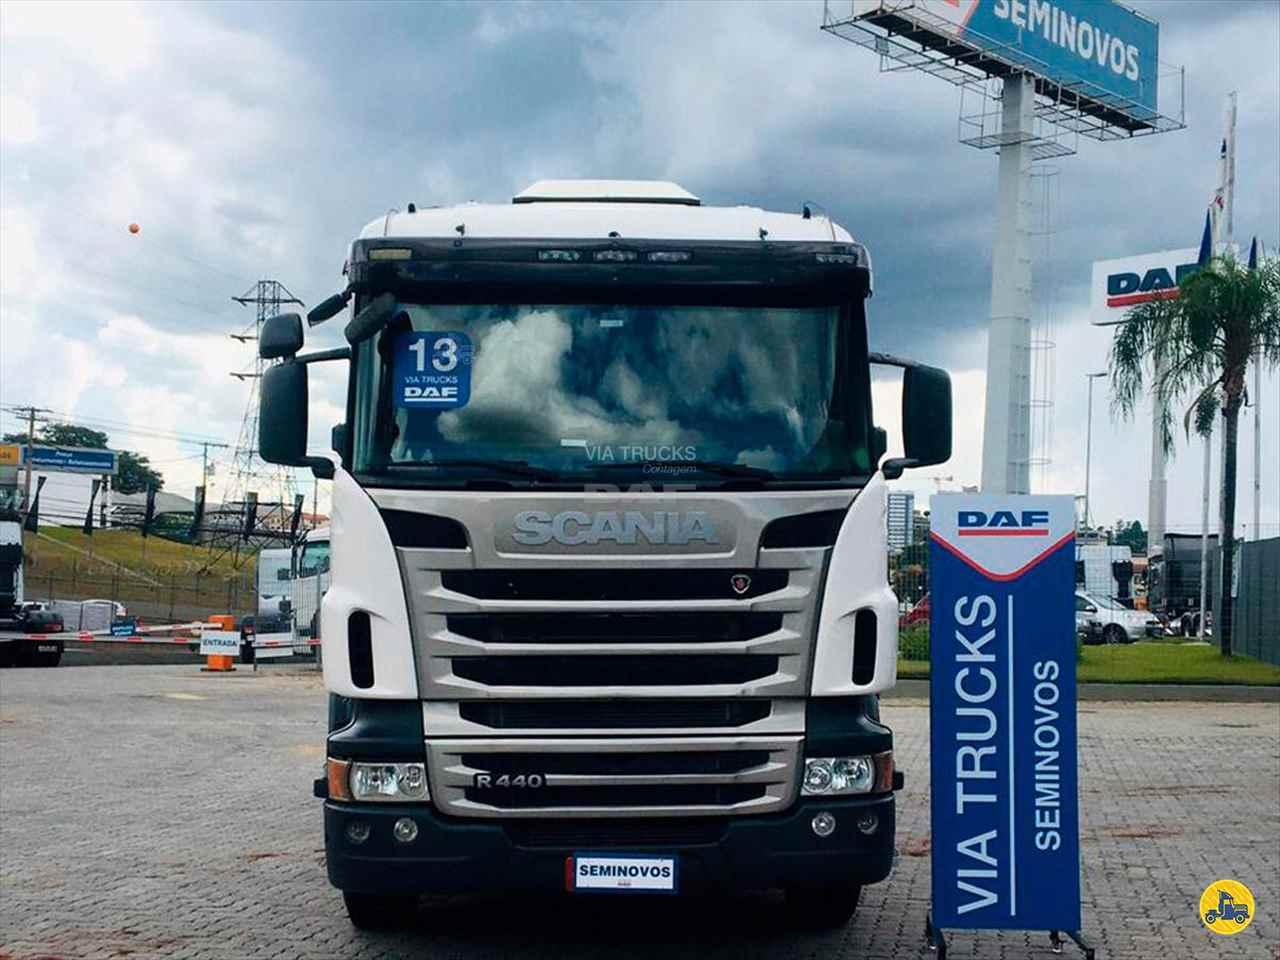 CAMINHAO SCANIA SCANIA 440 Chassis Truck 6x2 Via Trucks - DAF CONTAGEM MINAS GERAIS MG